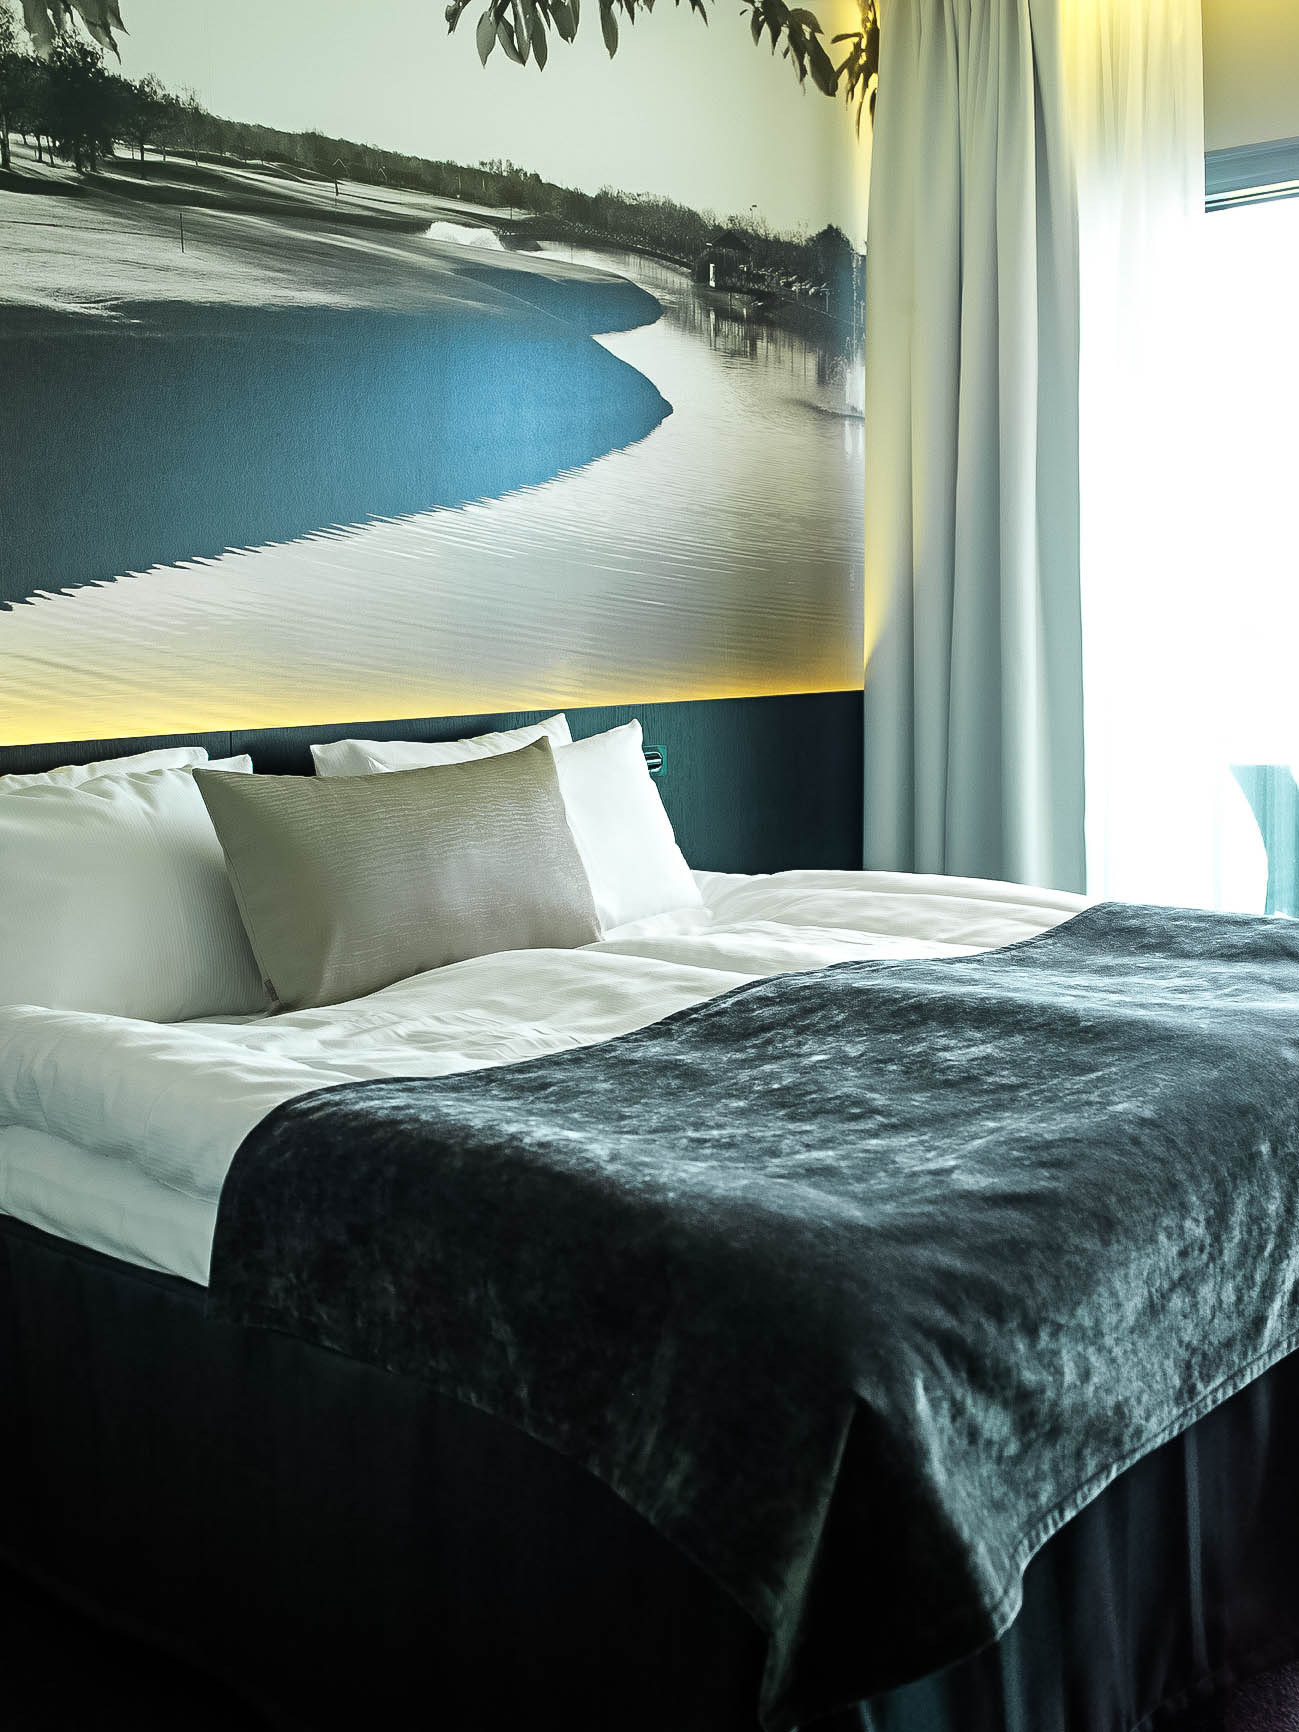 http://sjoowiberg.se/ringenas-golfklubb-hotell/